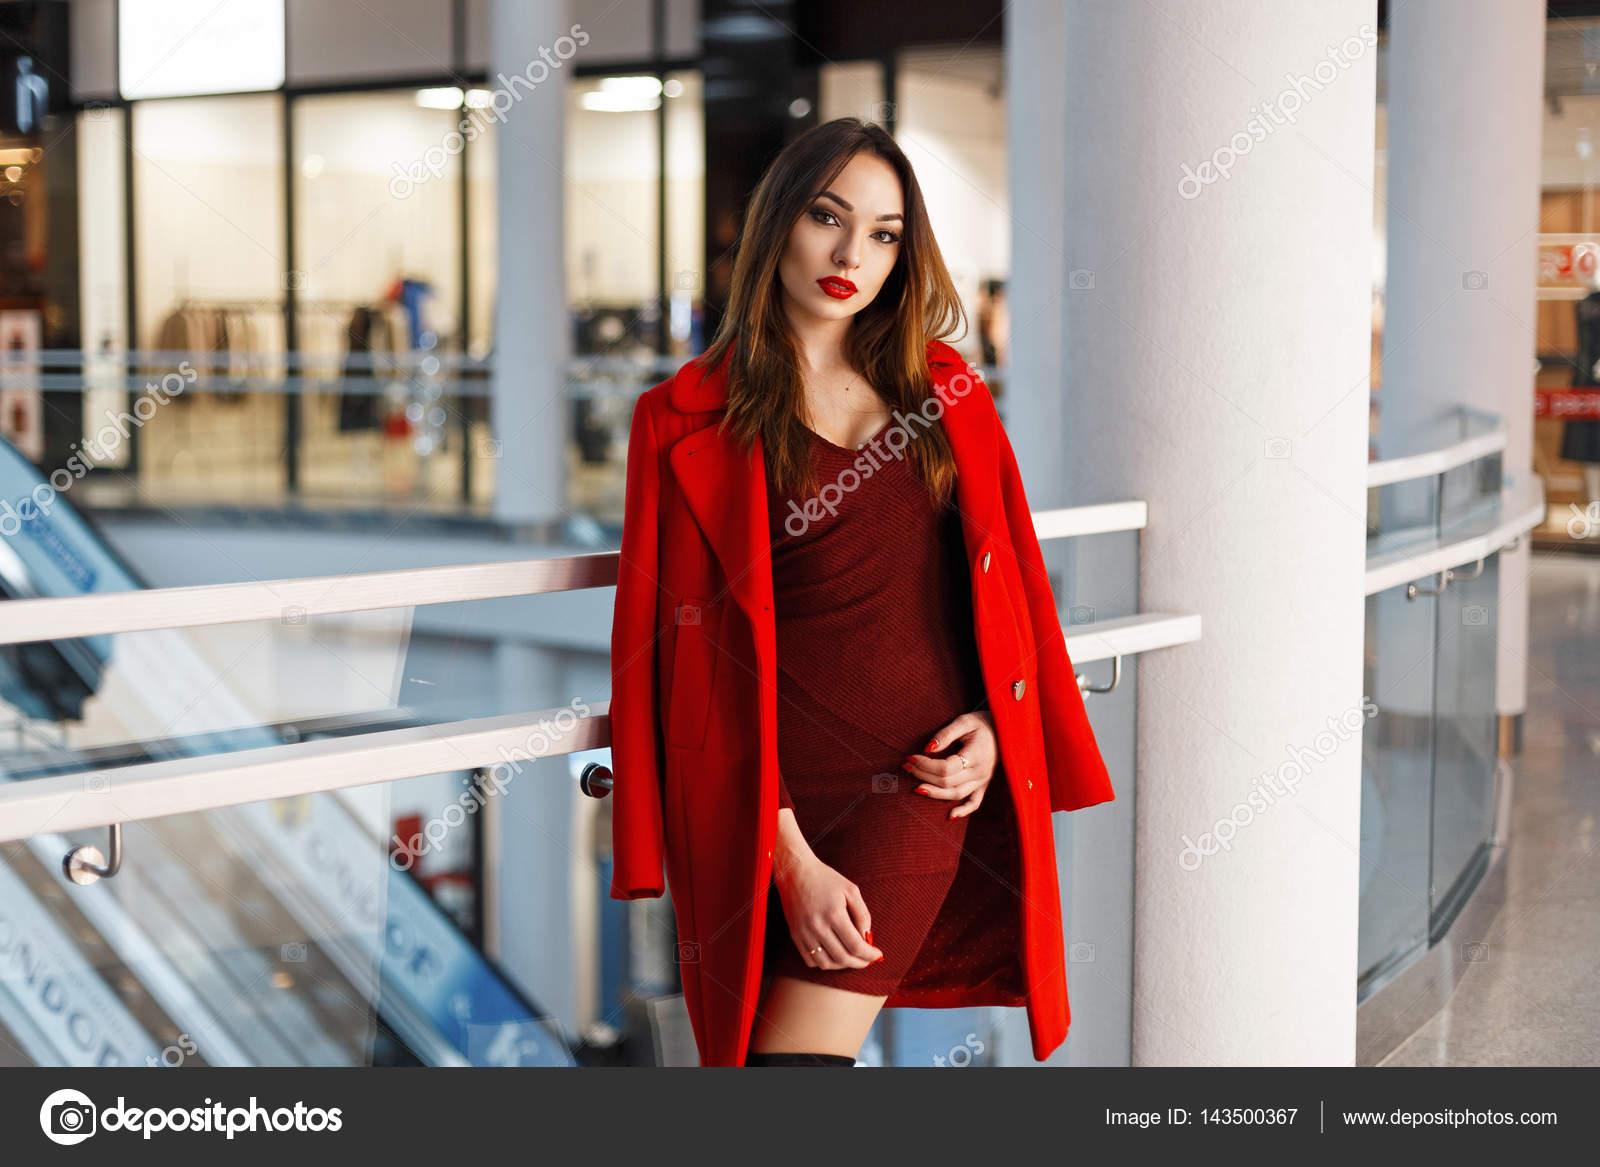 fc4141f6f06c48 Stilvolle junge Frau im roten Mantel in der mall — Stockfoto ...